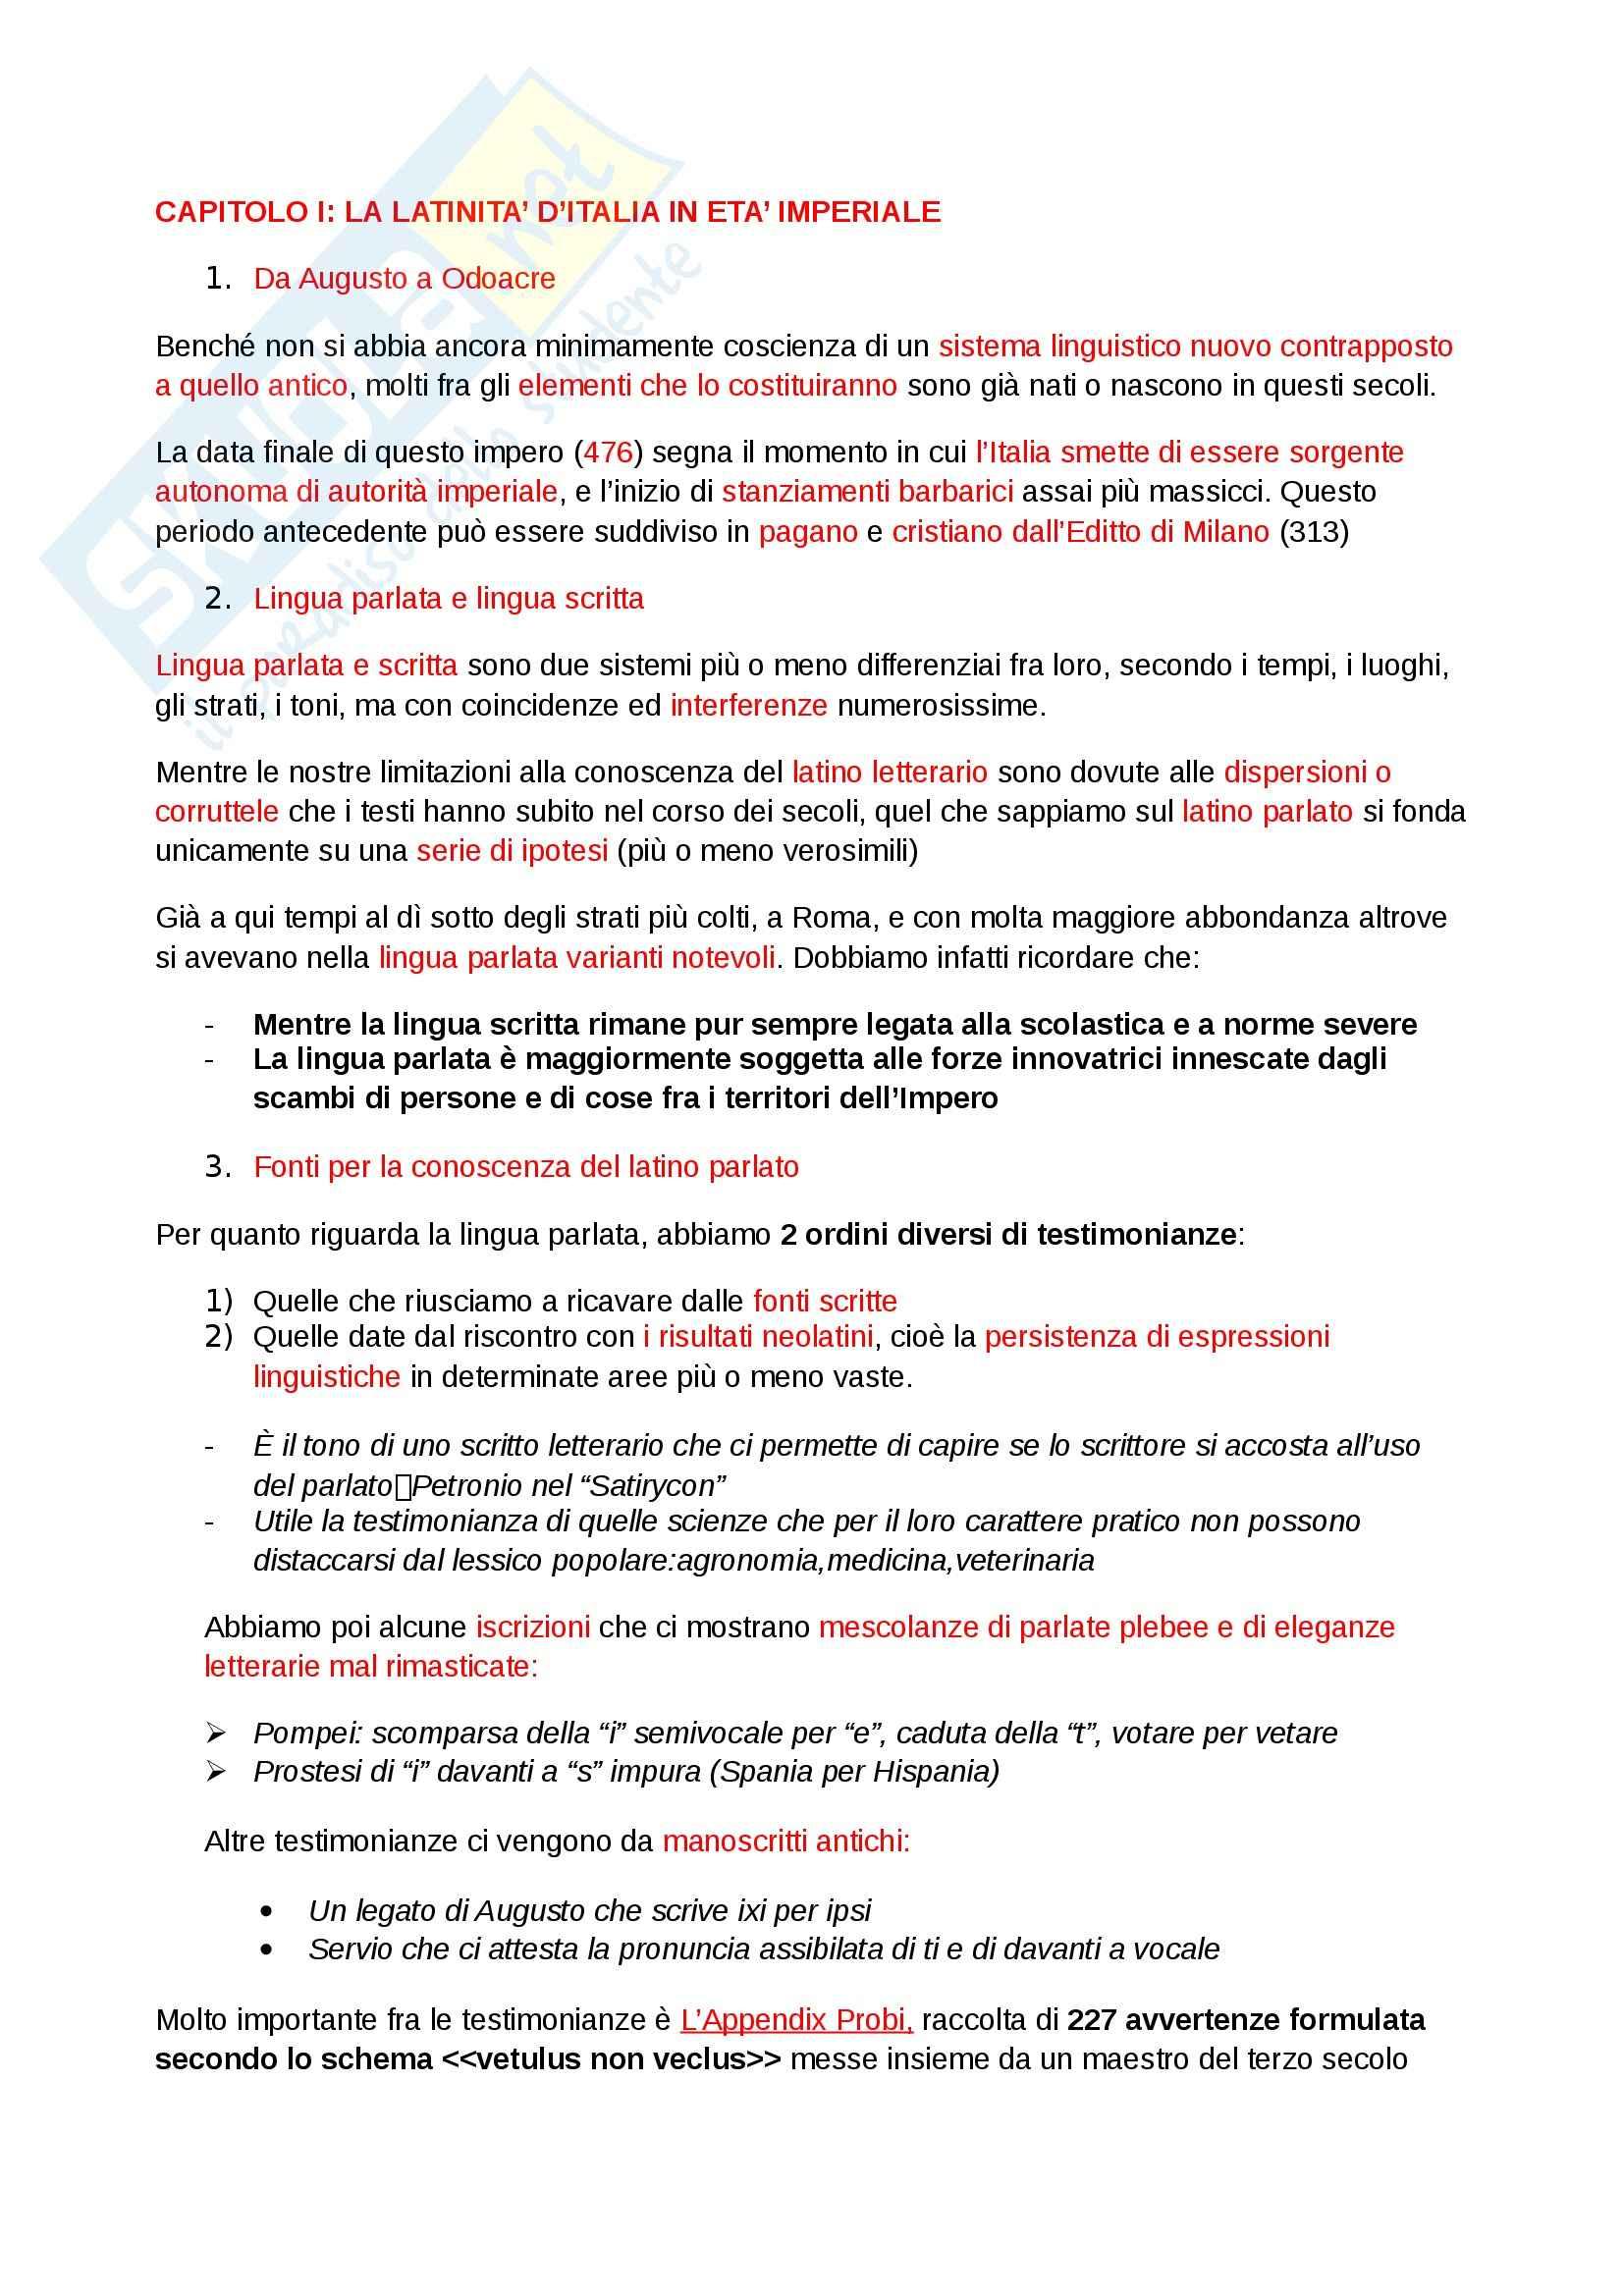 Riassunto esame Storia della Lingua Italiana, prof. Dardi, libro consigliato Storia della Lingua Italiana, Migliorini